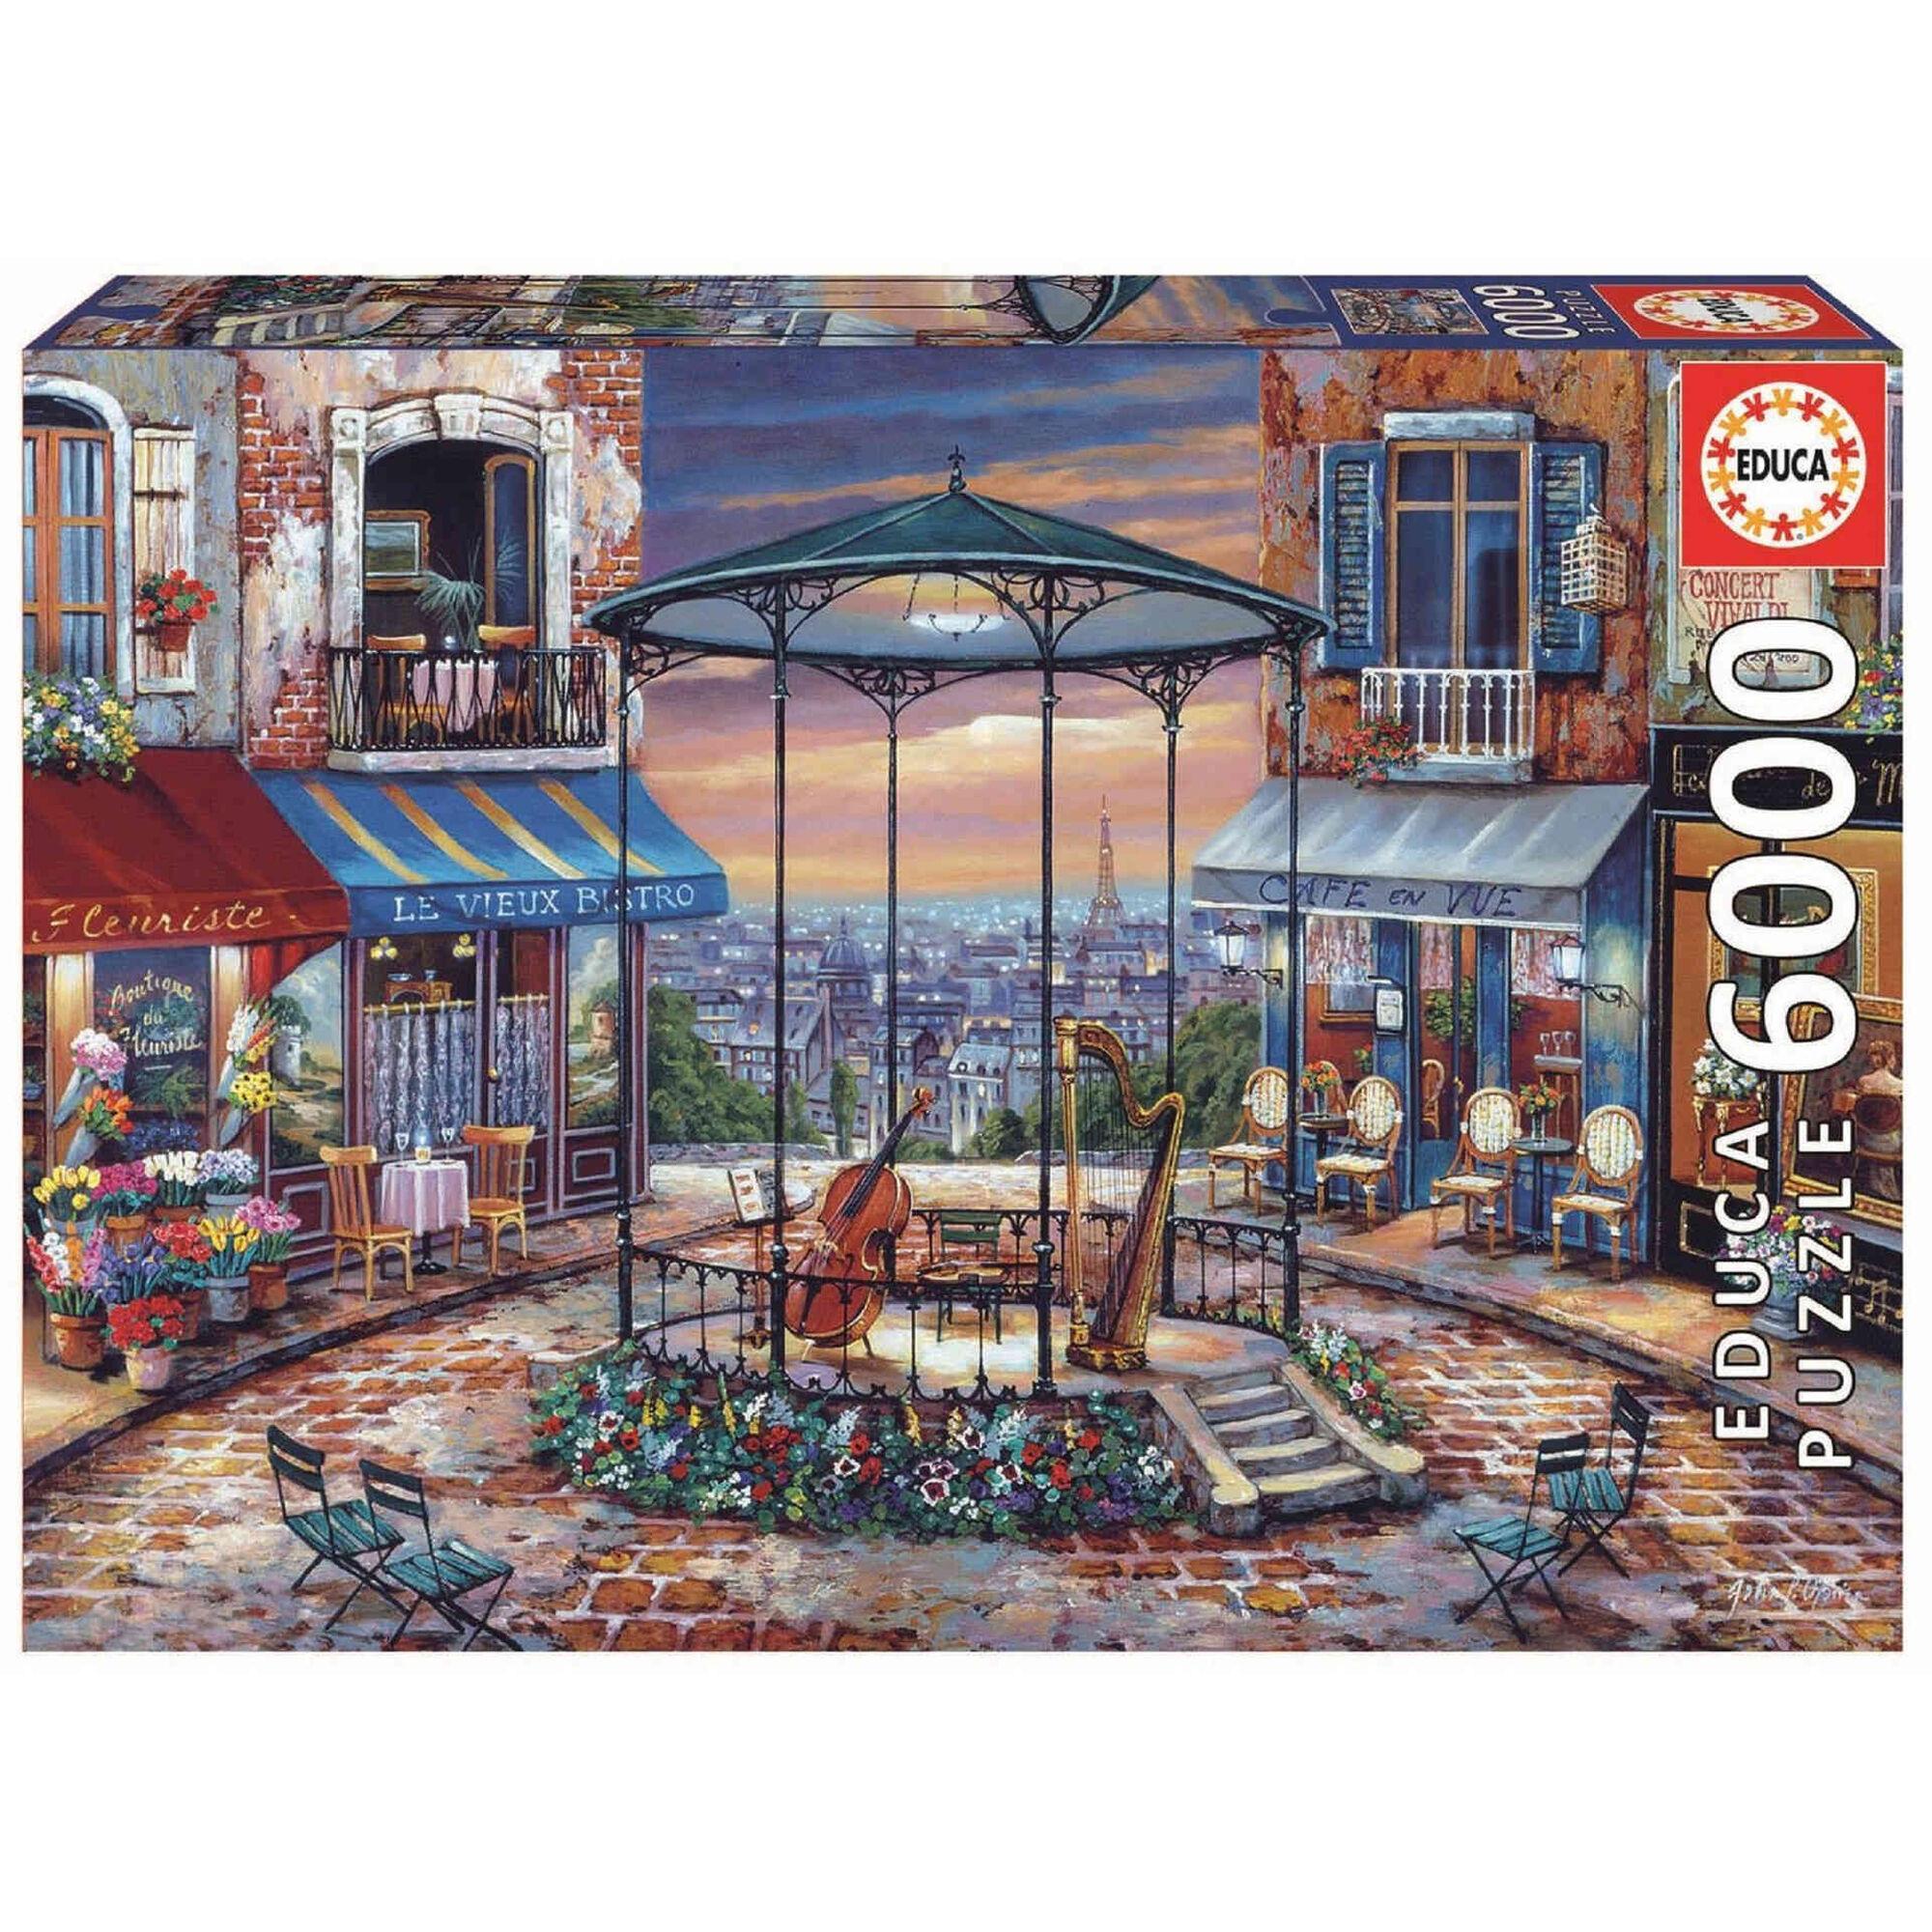 Puzzle Prelúdio Noturno 6000 Peças